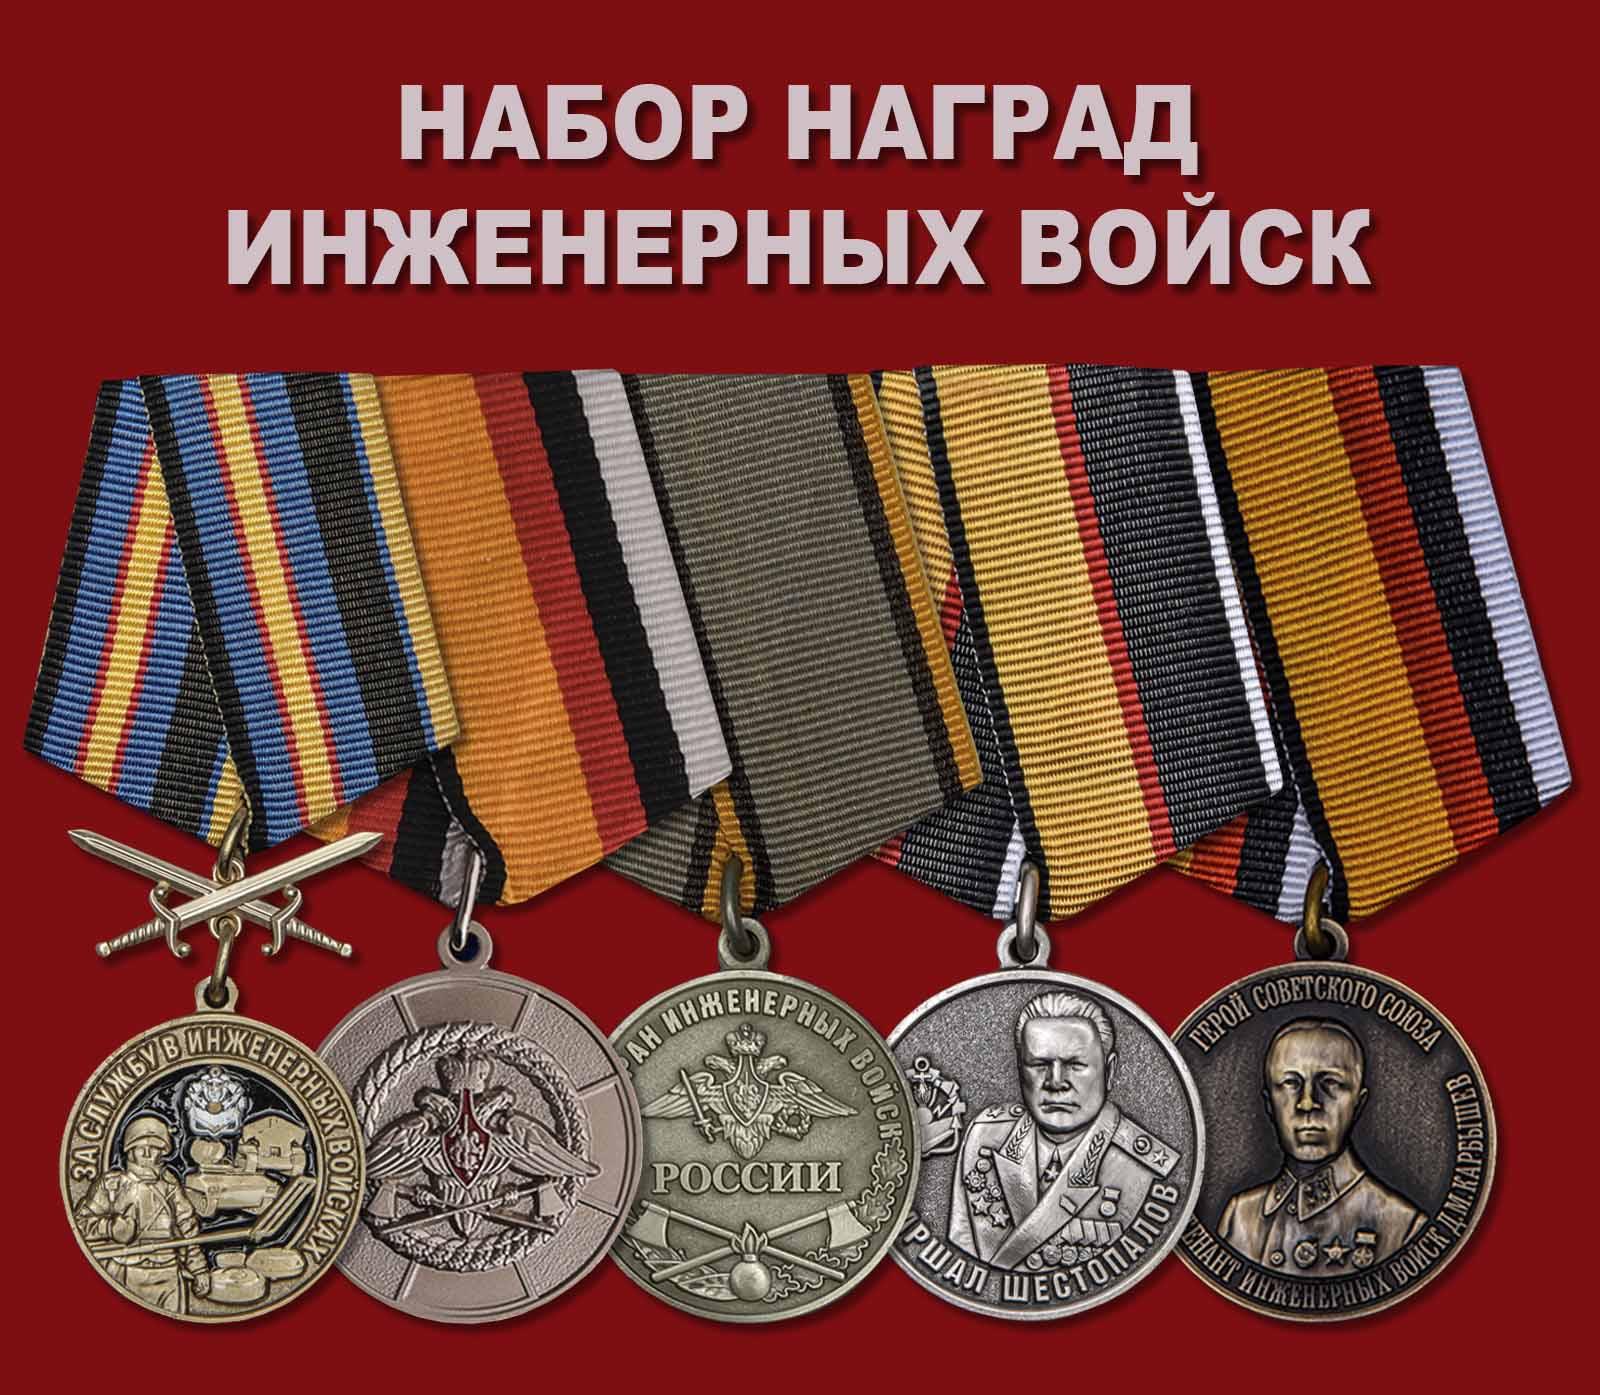 Набор наград Инженерных войск